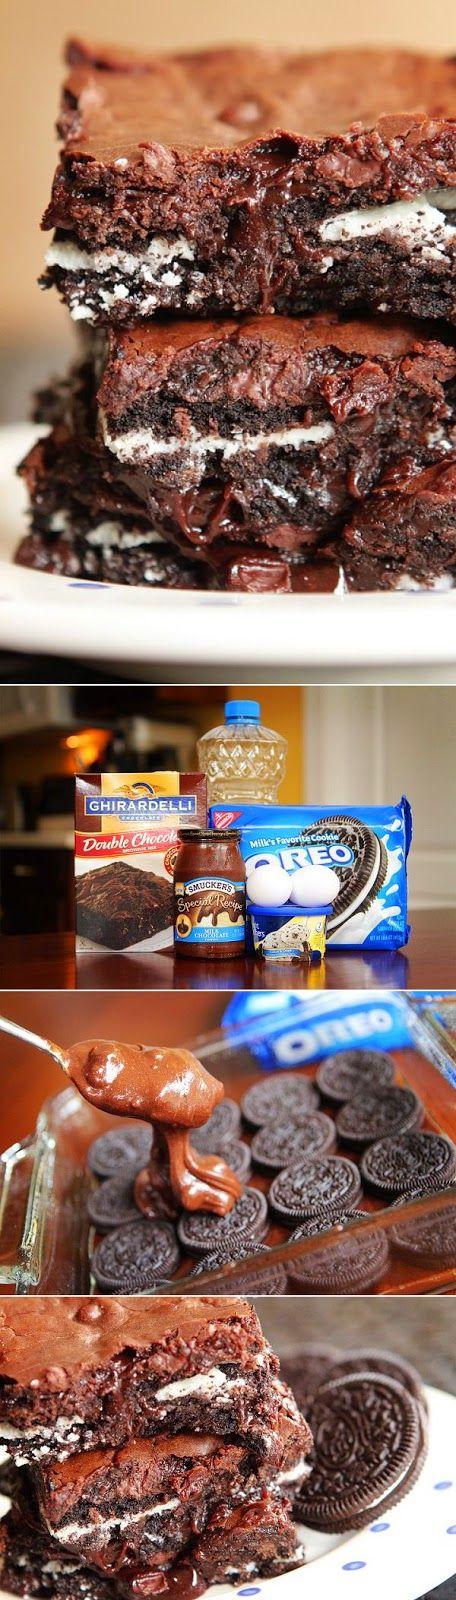 messenger bag women Cookies  N Cream Oreo Fudge Brownies